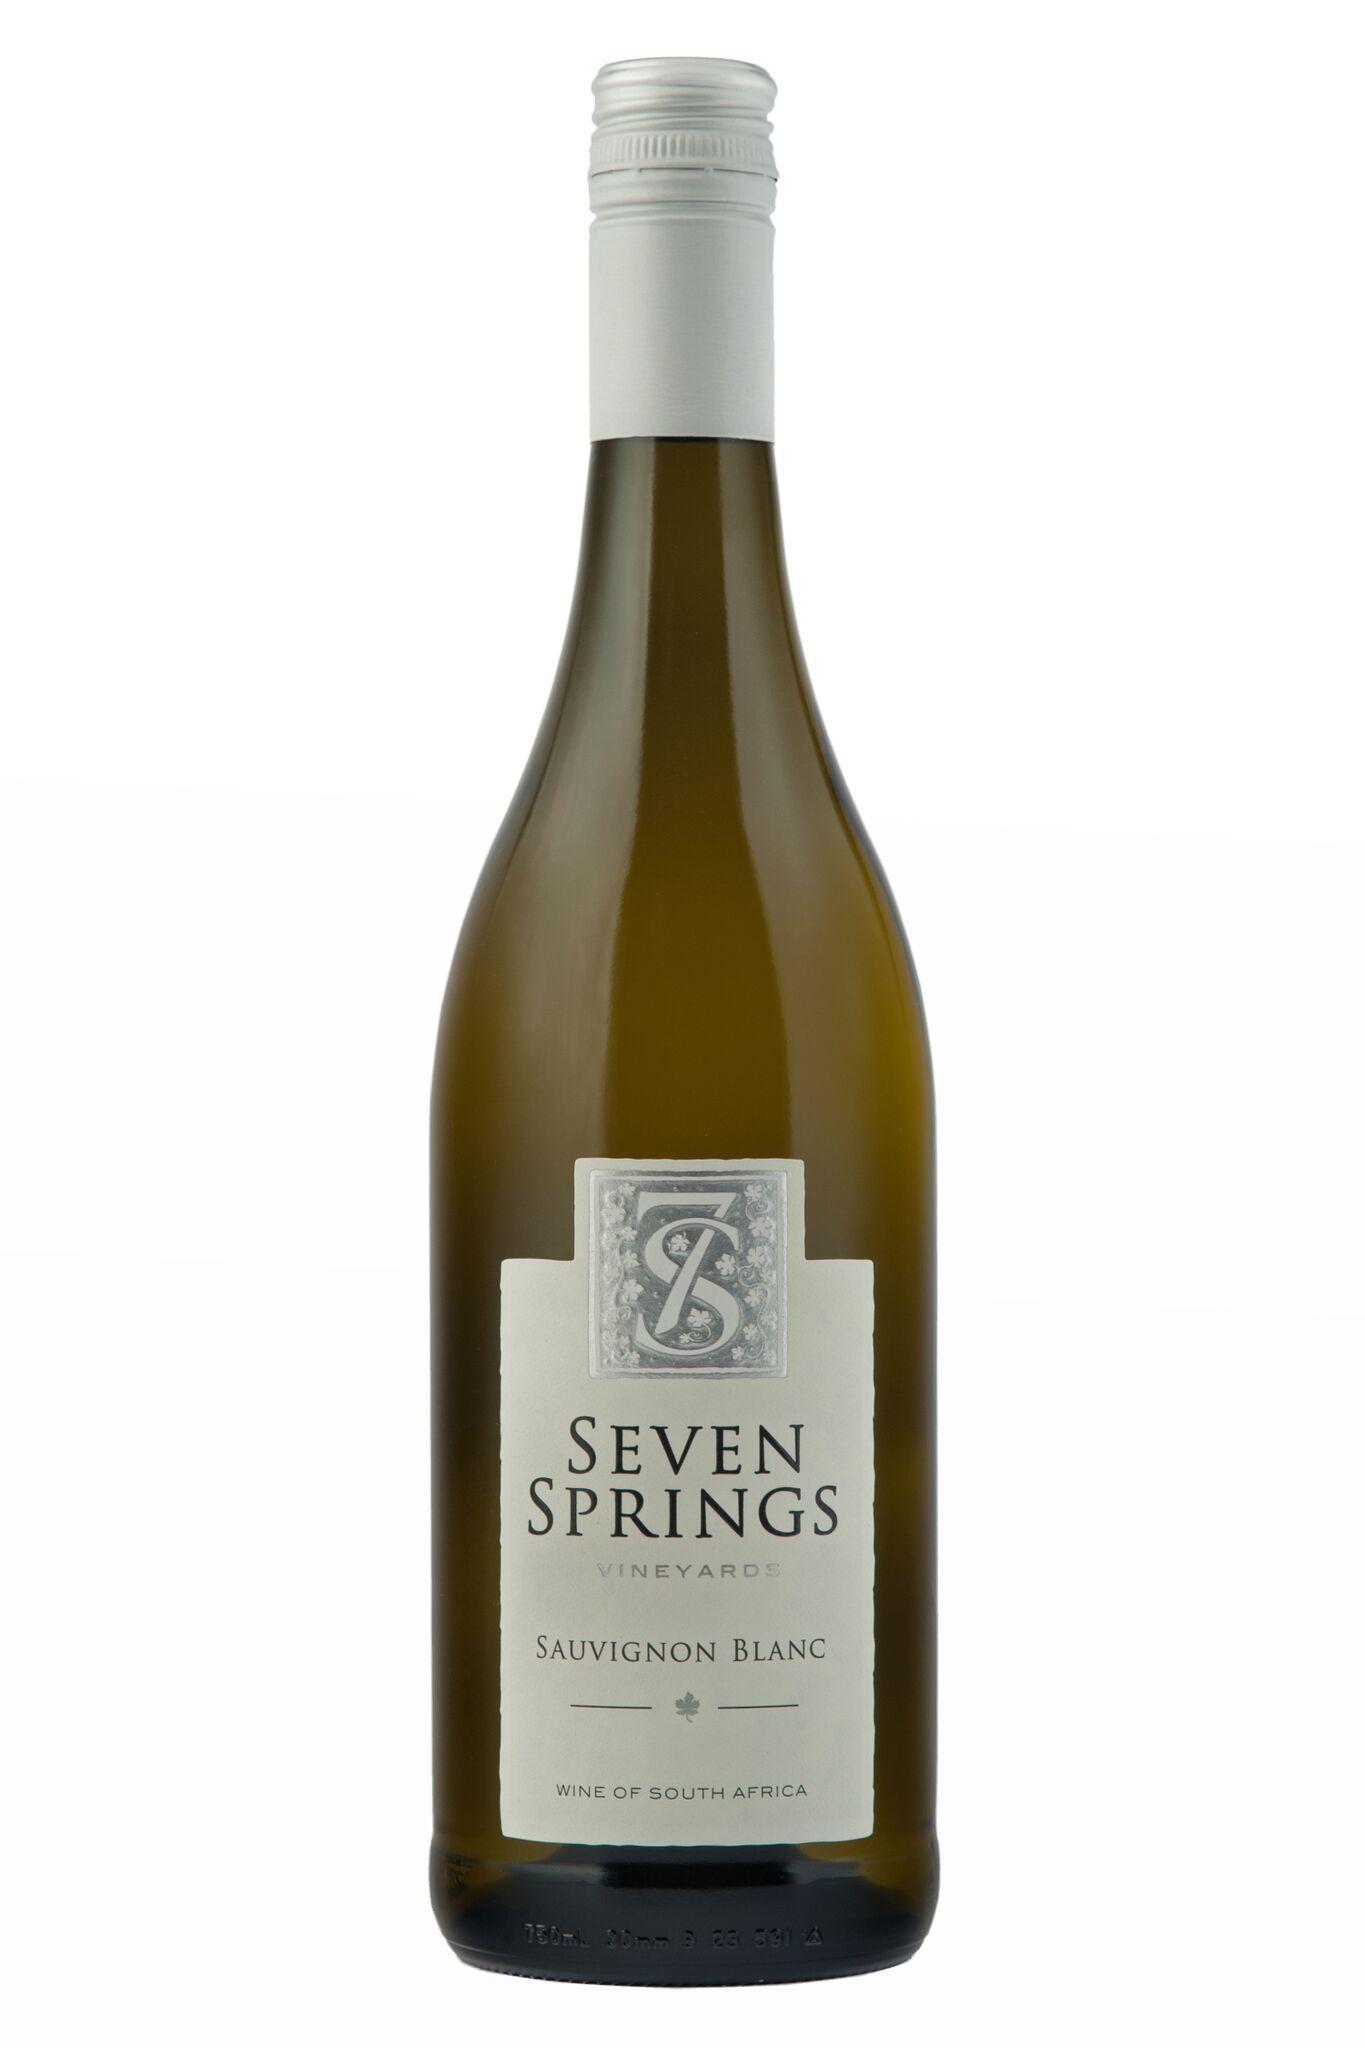 Seven Springs Sauvignon Blanc